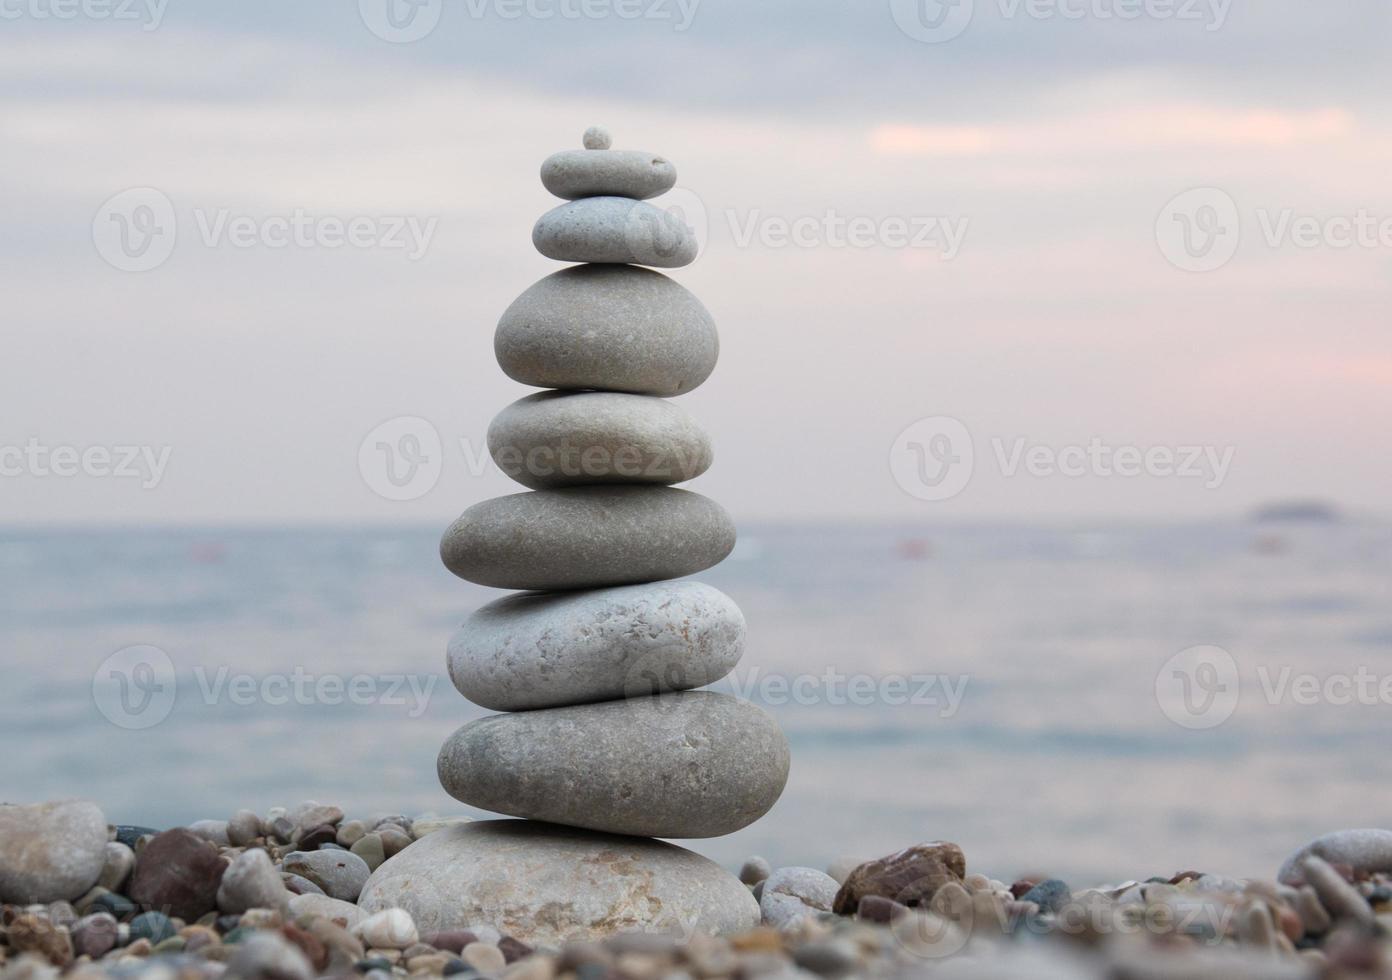 équilibre des pierres - pile de cailloux photo